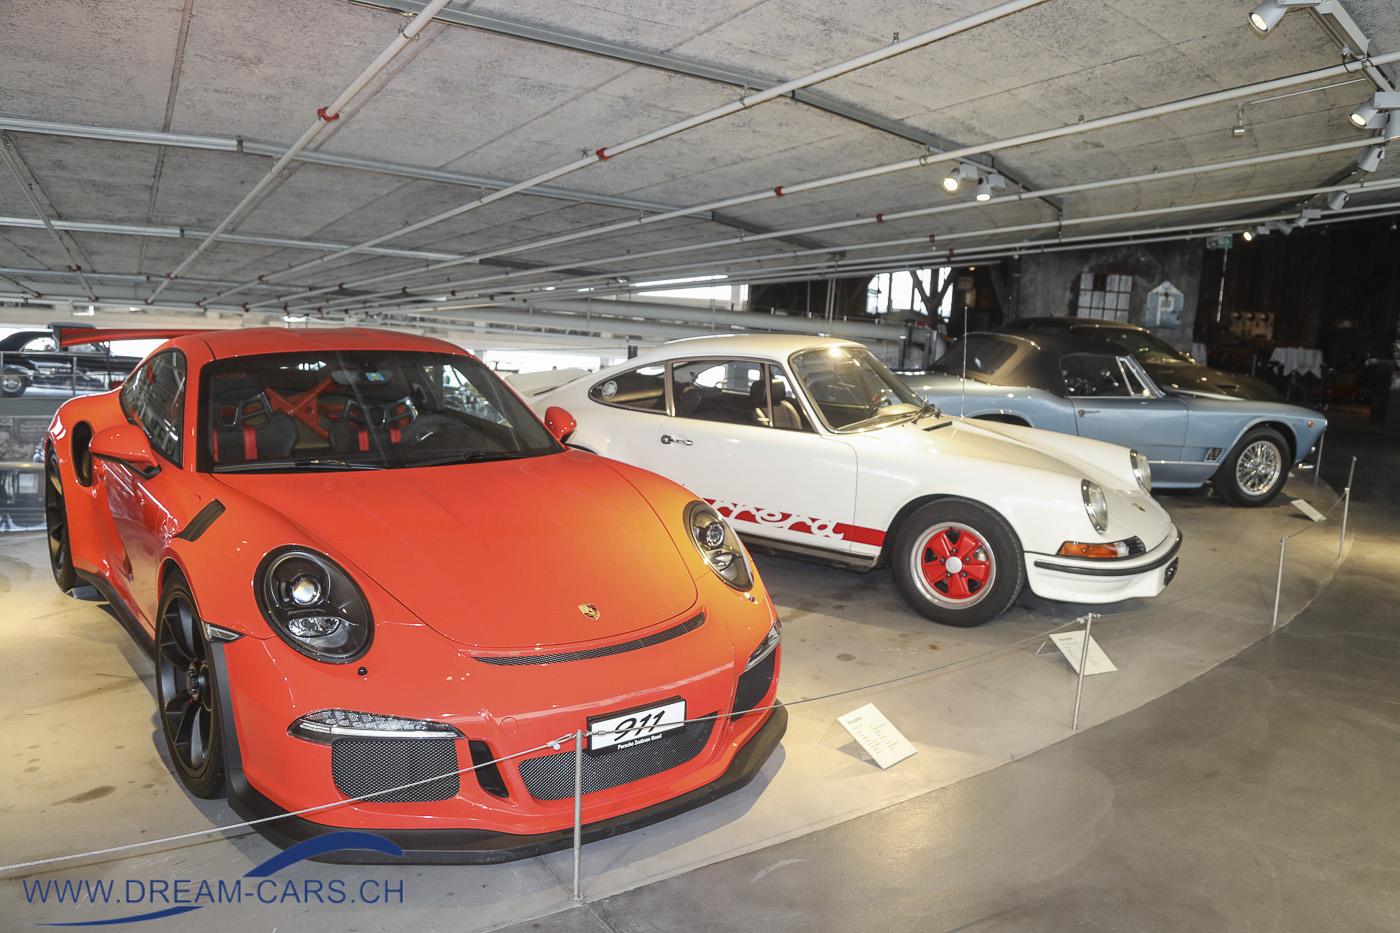 Porsche 911 GT3 RS neben einem 73er Carrera 2.7. Pantheon Basel Muttenz, Sonderschau Ikonen + Boliden 2019